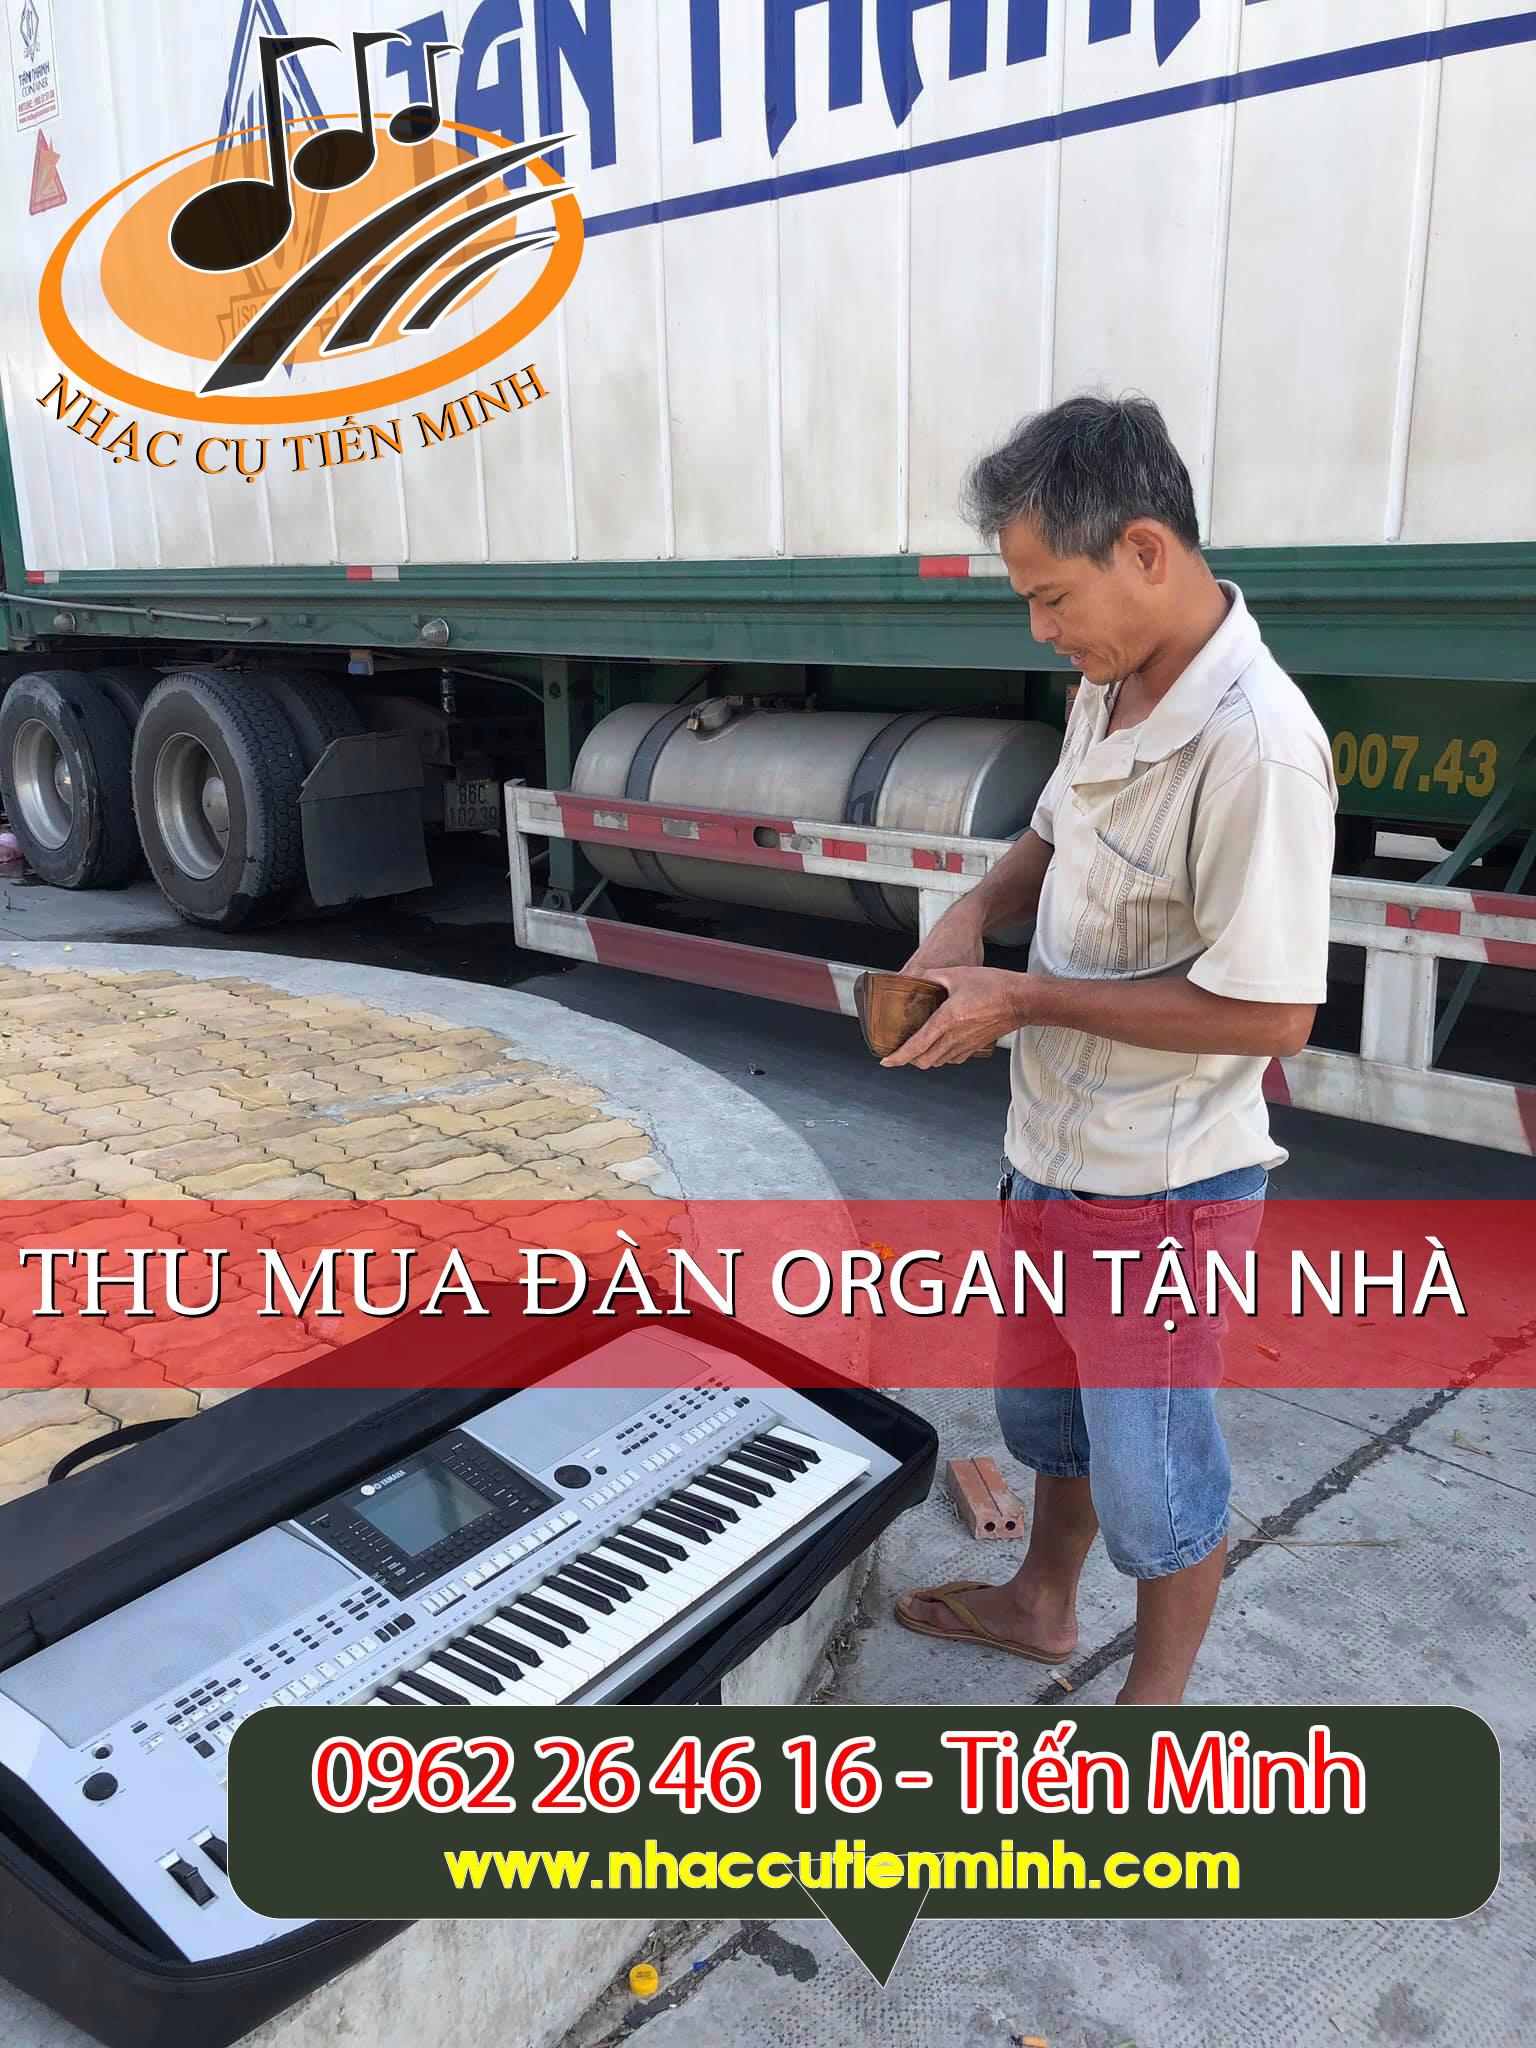 Thu mua đàn organ tận nhà